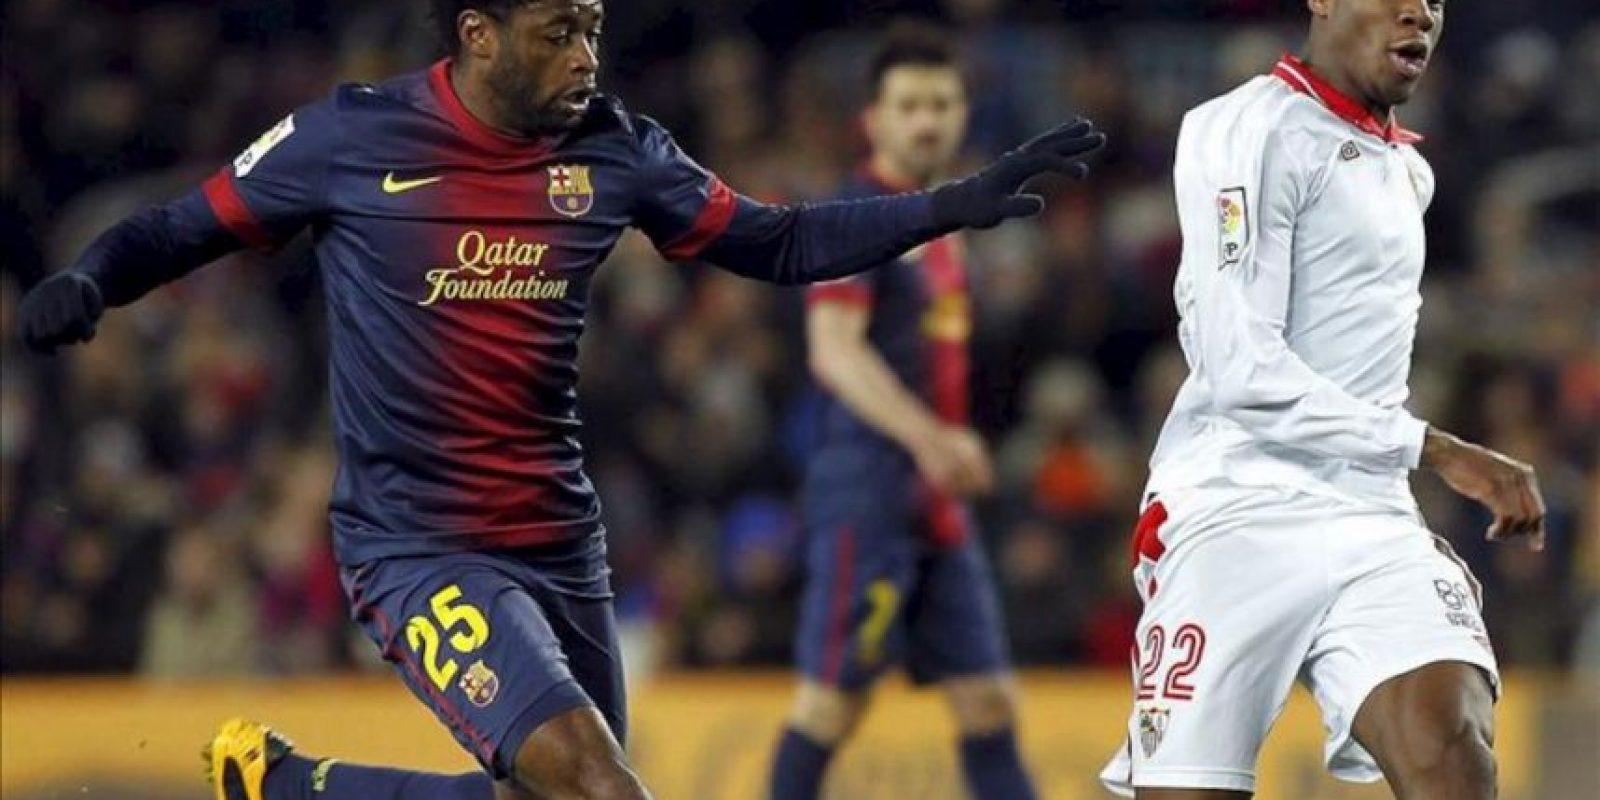 El centrocampista camerunés del FC Barcelona Alex Song (i) disputa un balón con el francés Kondogbia, del Sevilla, durante el partido de Liga disputado en el Camp Nou, en Barcelona. EFE